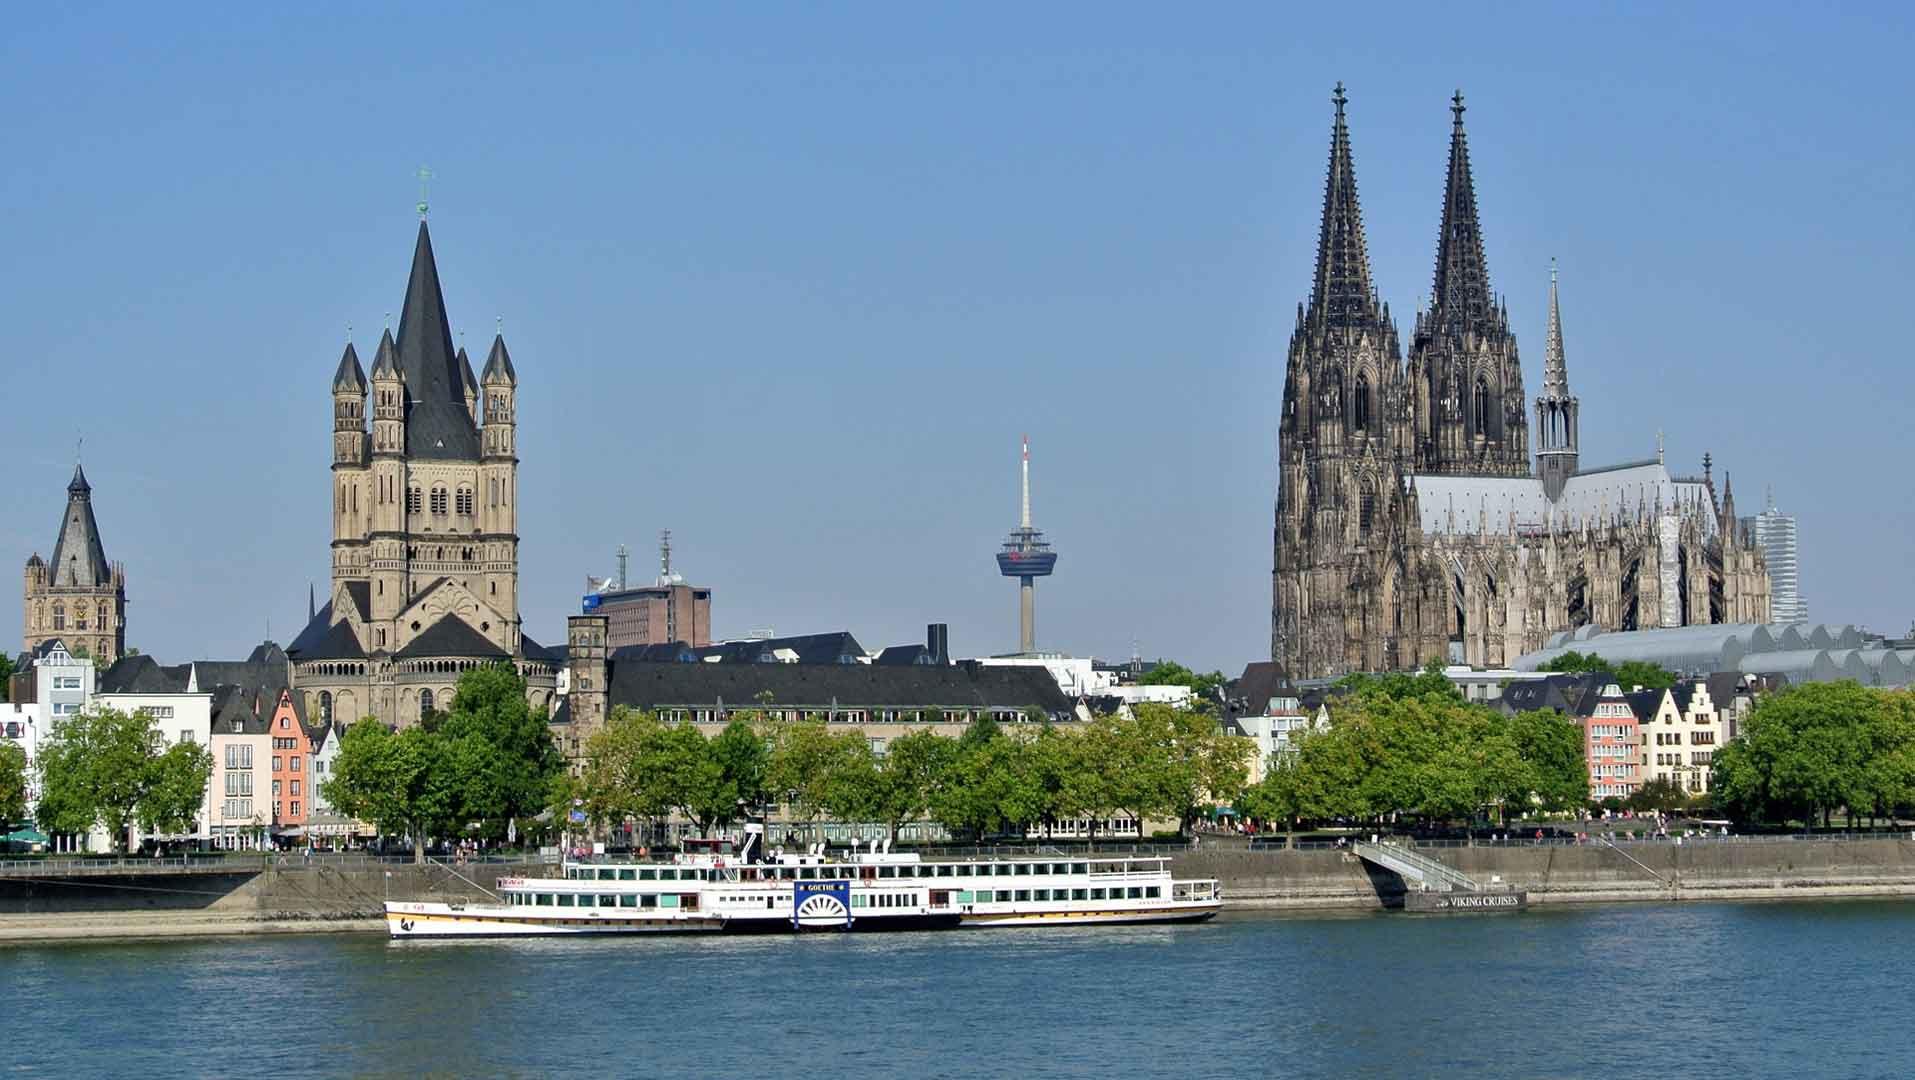 De Dom van Keulen is een van de populairste bezienswaardigheden van Duitsland.